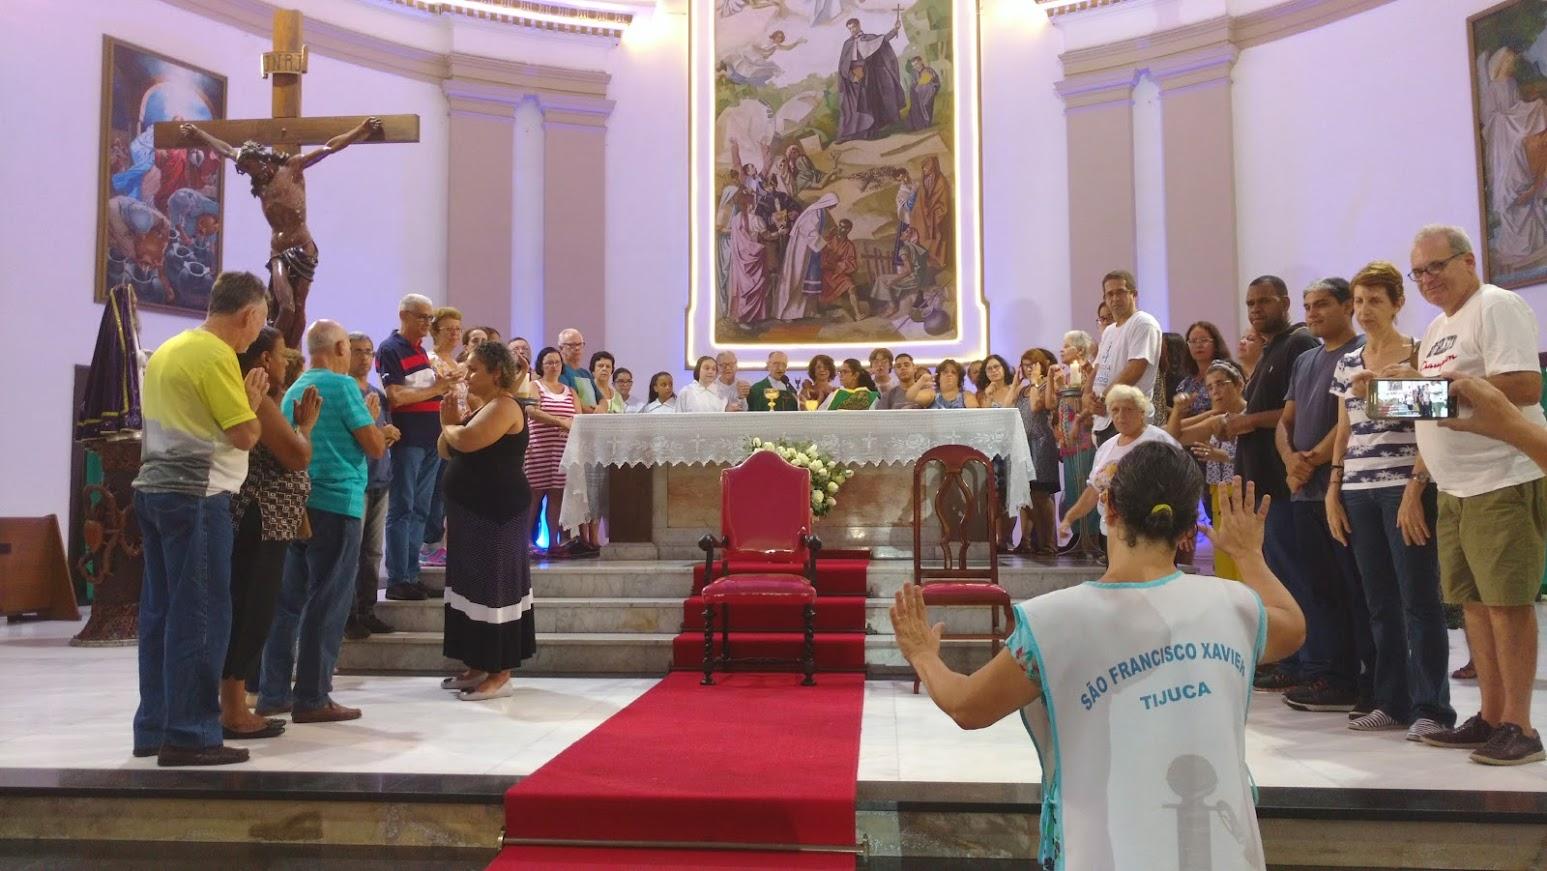 mais de 50 surdos no altar mor da Igreja de São Francisco Xavier. Missa das 10 h do dia 12 de fevereiro.